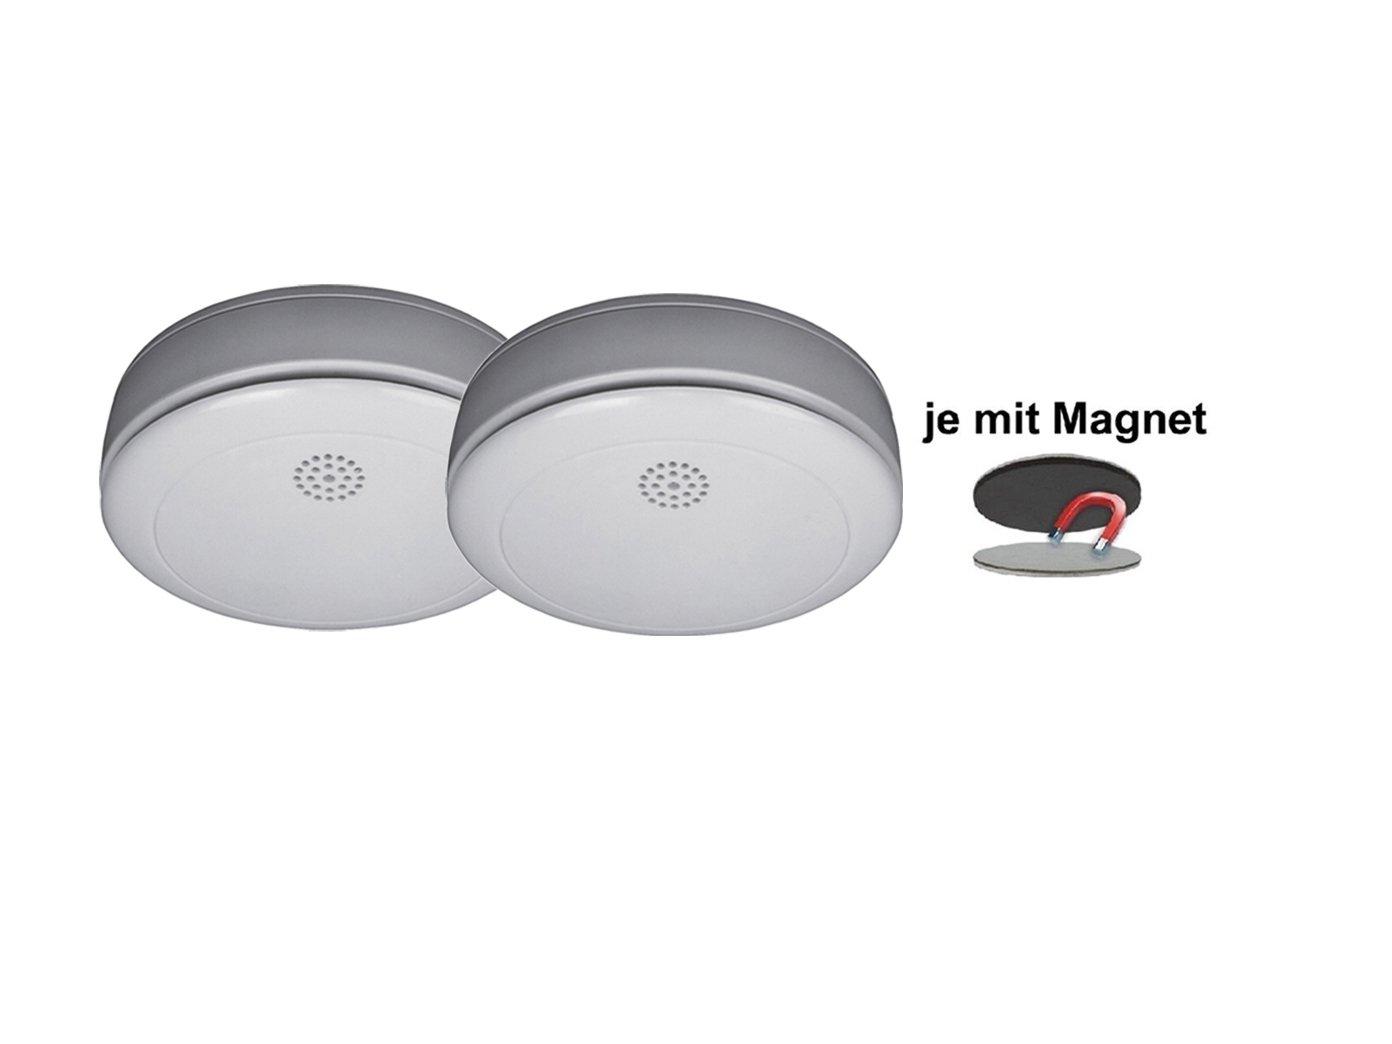 Smartwares 2er Set de humo, incluye 2 x soporte magnético, con{10} batería de litio, RM218: Amazon.es: Bricolaje y herramientas